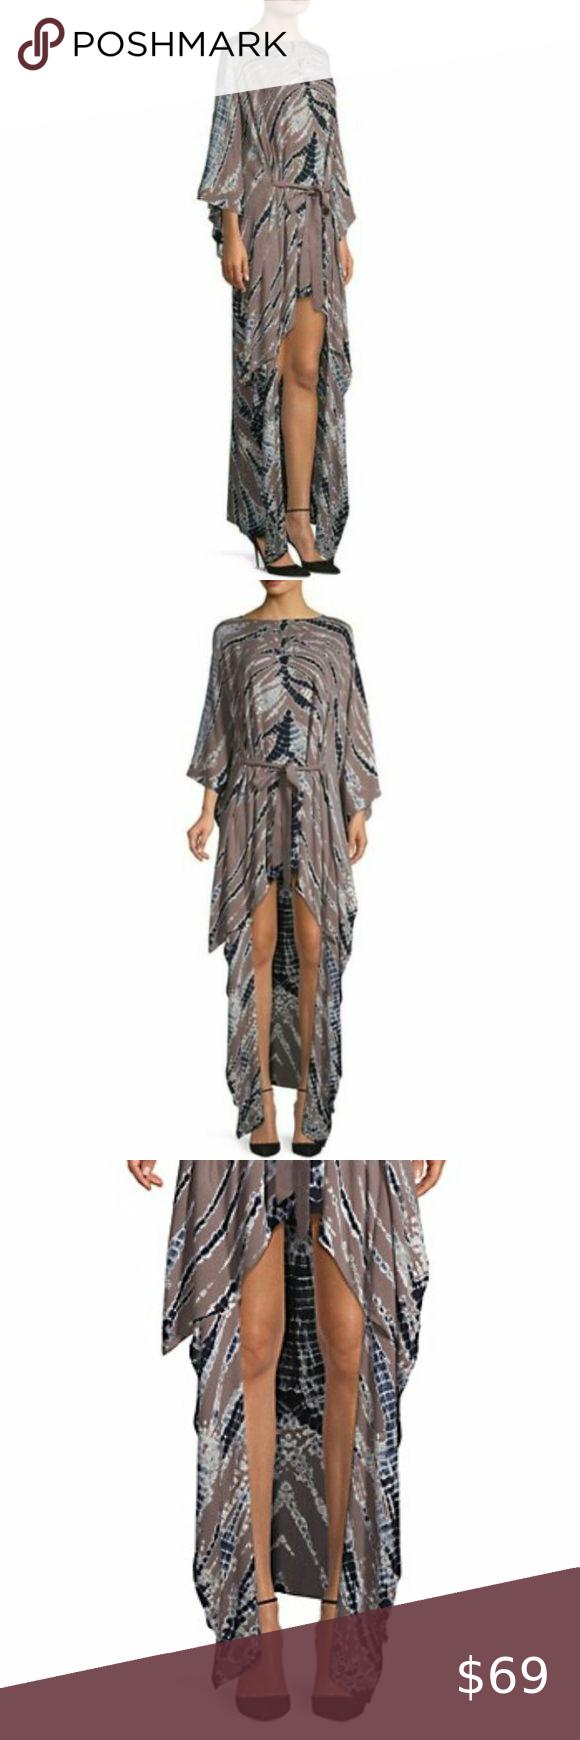 Yfb Young Fabulous Broke Jolie Maxi Dress Young Fabulous And Broke Cutout Maxi Dress Maxi Dress [ 1740 x 580 Pixel ]